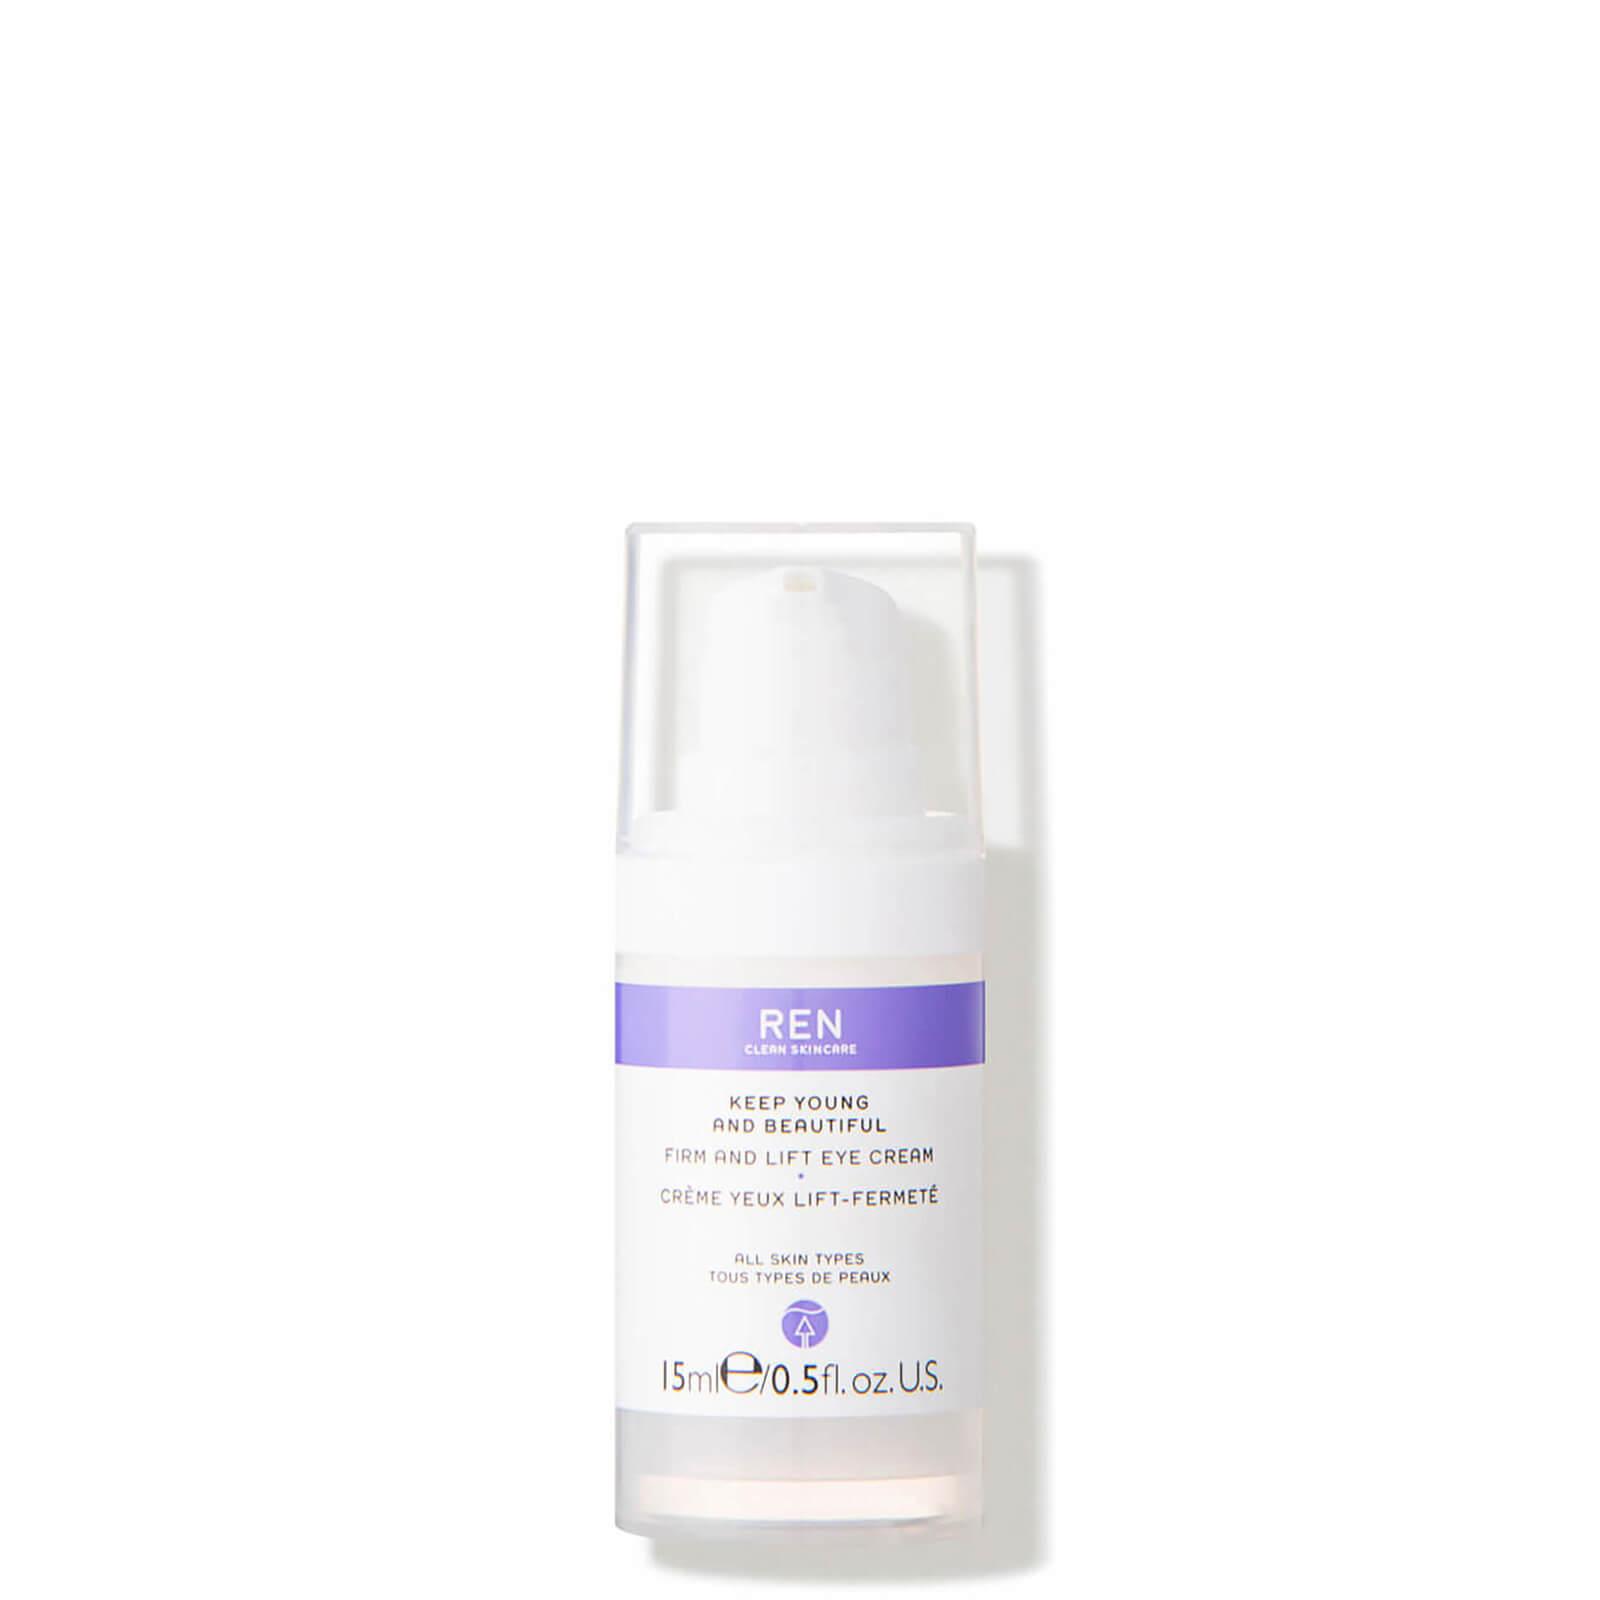 Купить Крем для укрепления и подтягивания кожи вокруг глаз REN Keep Young and Beautiful™ Firm and Lift Eye Cream